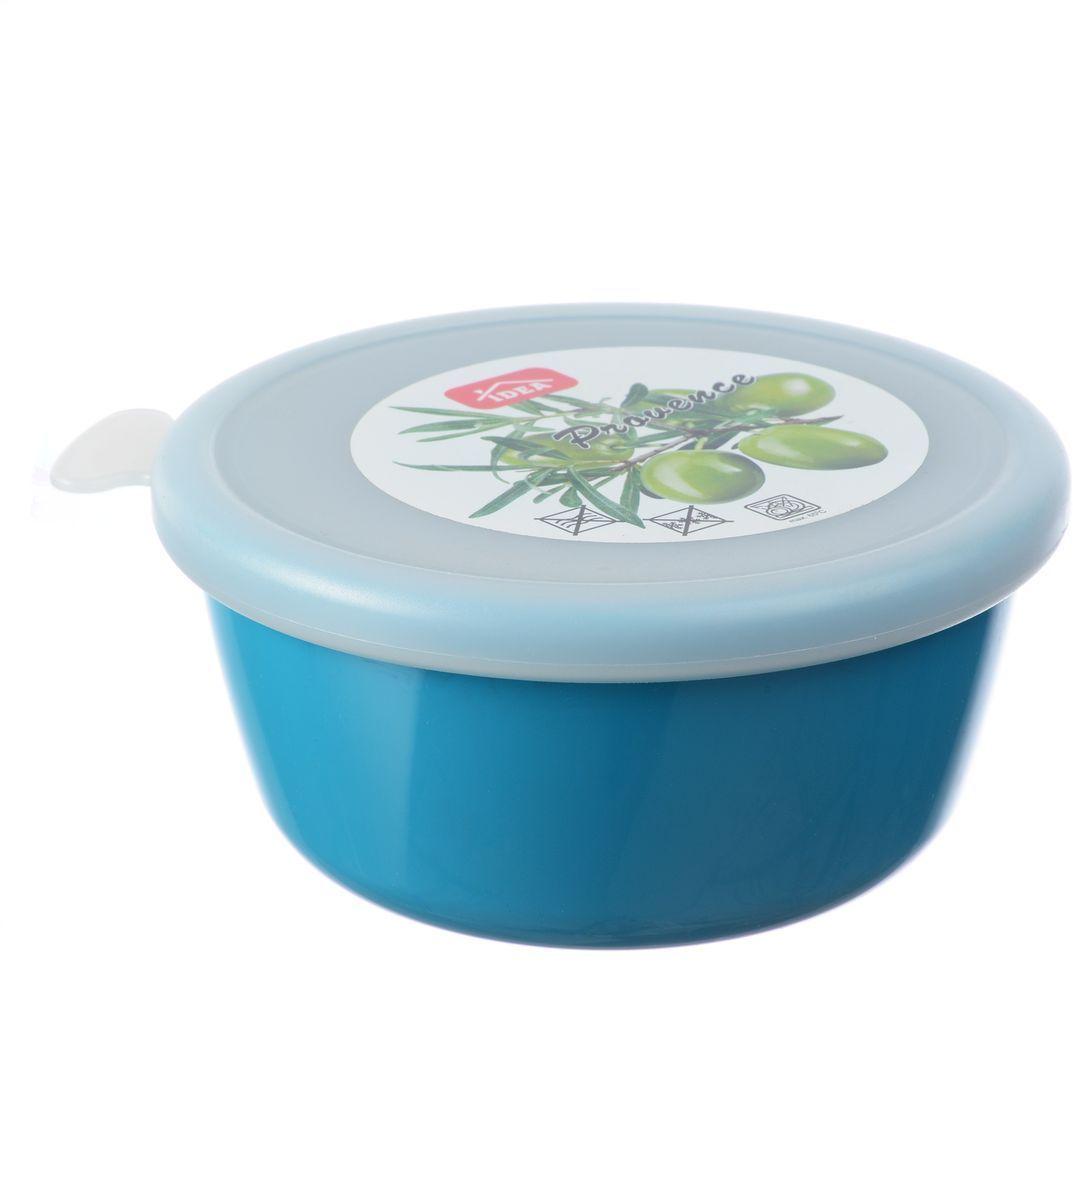 Миска Idea Прованс, с крышкой, цвет: бирюзовый, 0,35 лМ 1380Миска круглой формы Idea Прованс изготовлена из высококачественного пищевого пластика. Изделие очень функциональное, оно пригодится на кухне для самых разнообразных нужд: в качестве салатника, миски, тарелки. Герметичная крышка обеспечивает продуктам долгий срок хранения. Диаметр миски: 11,5 см. Высота миски: 5,5 см.